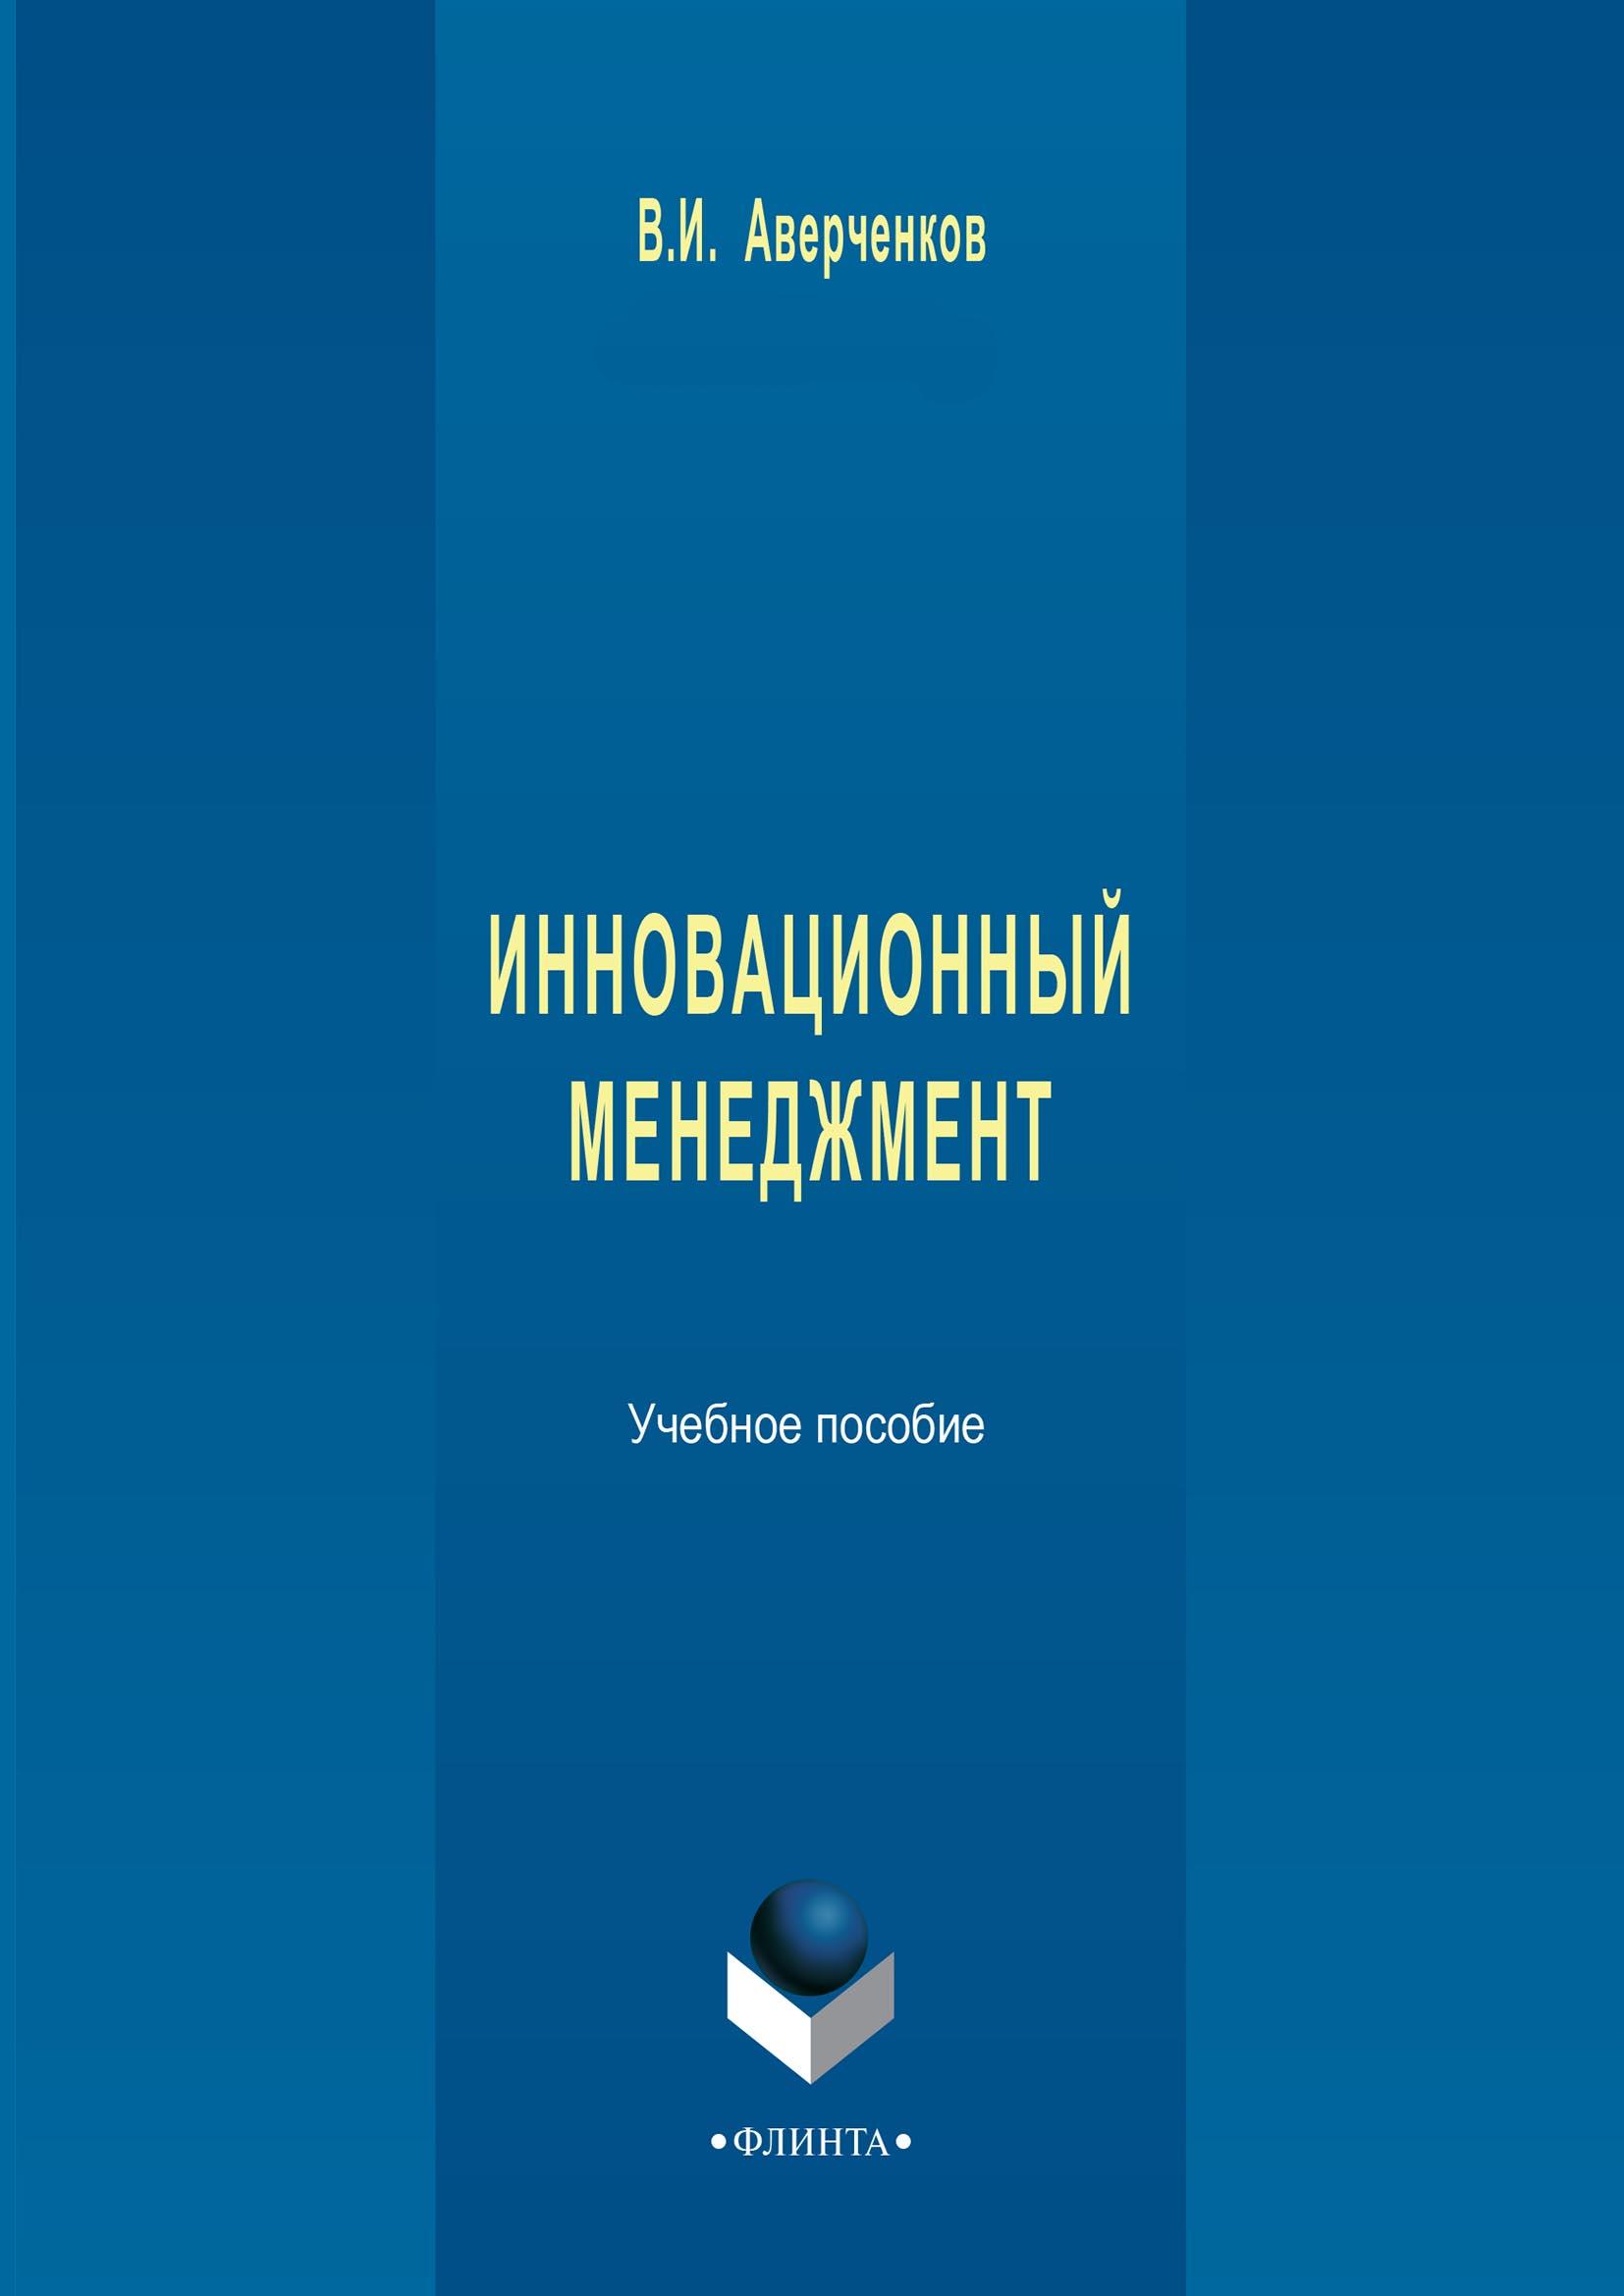 Обложка книги. Автор - Владимир Аверченков